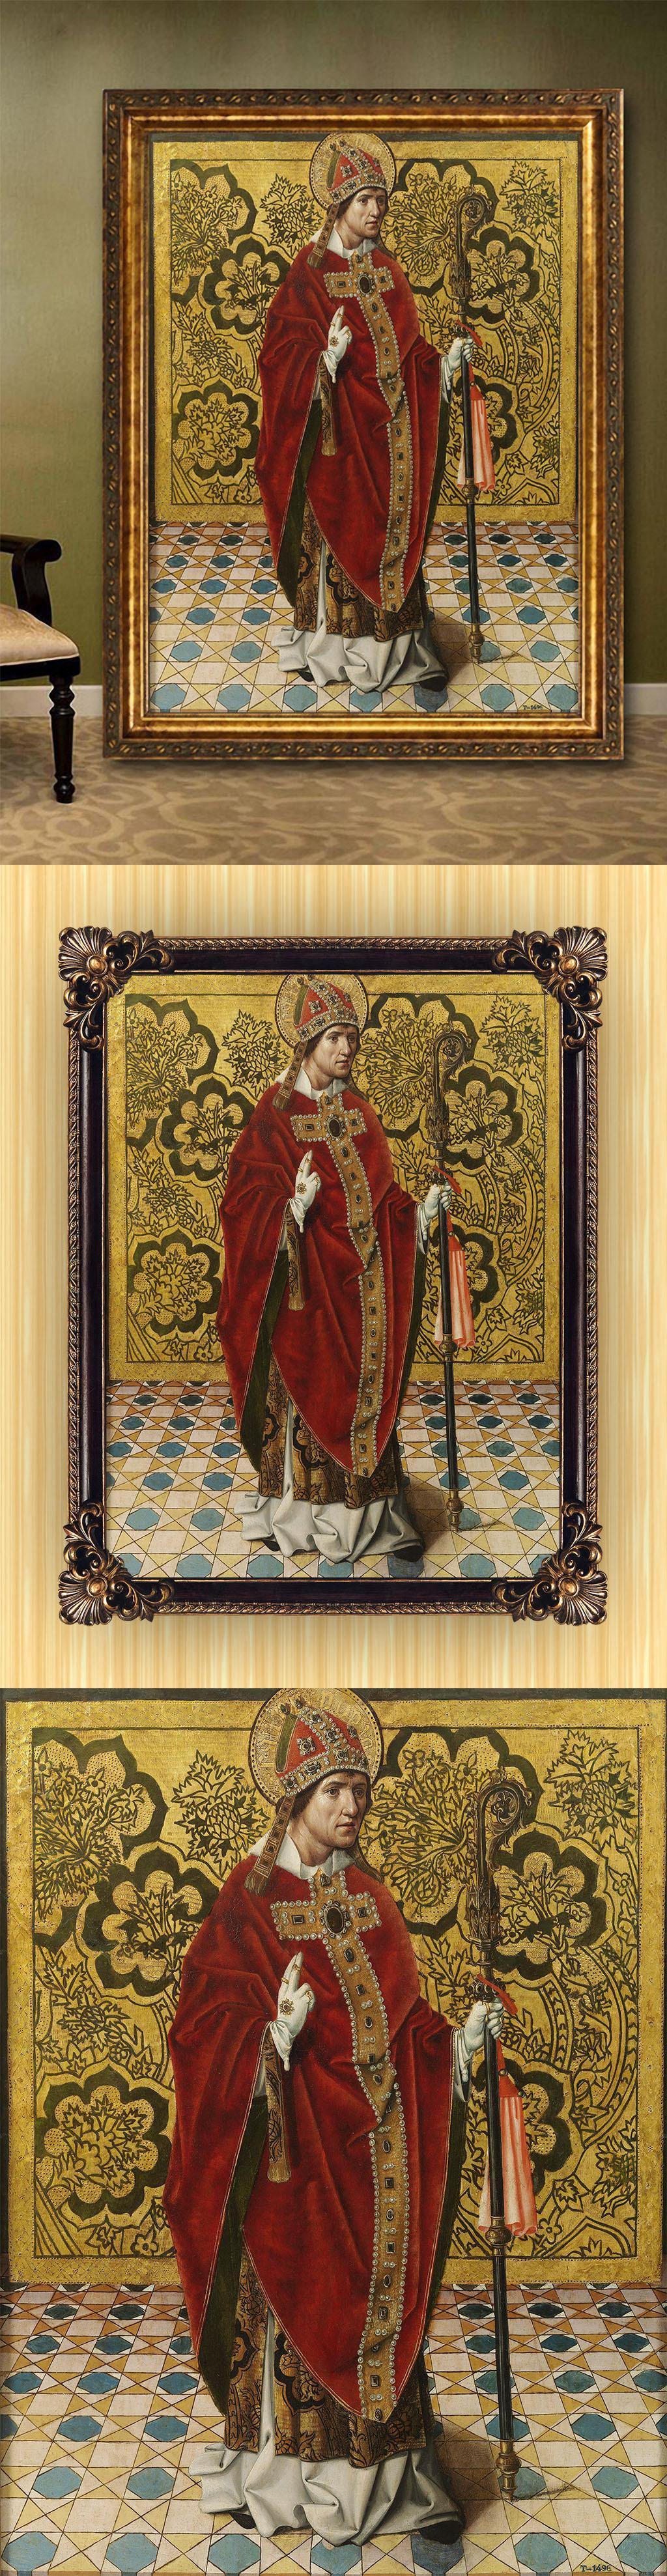 高清手绘欧式古典写实风格教父肖像